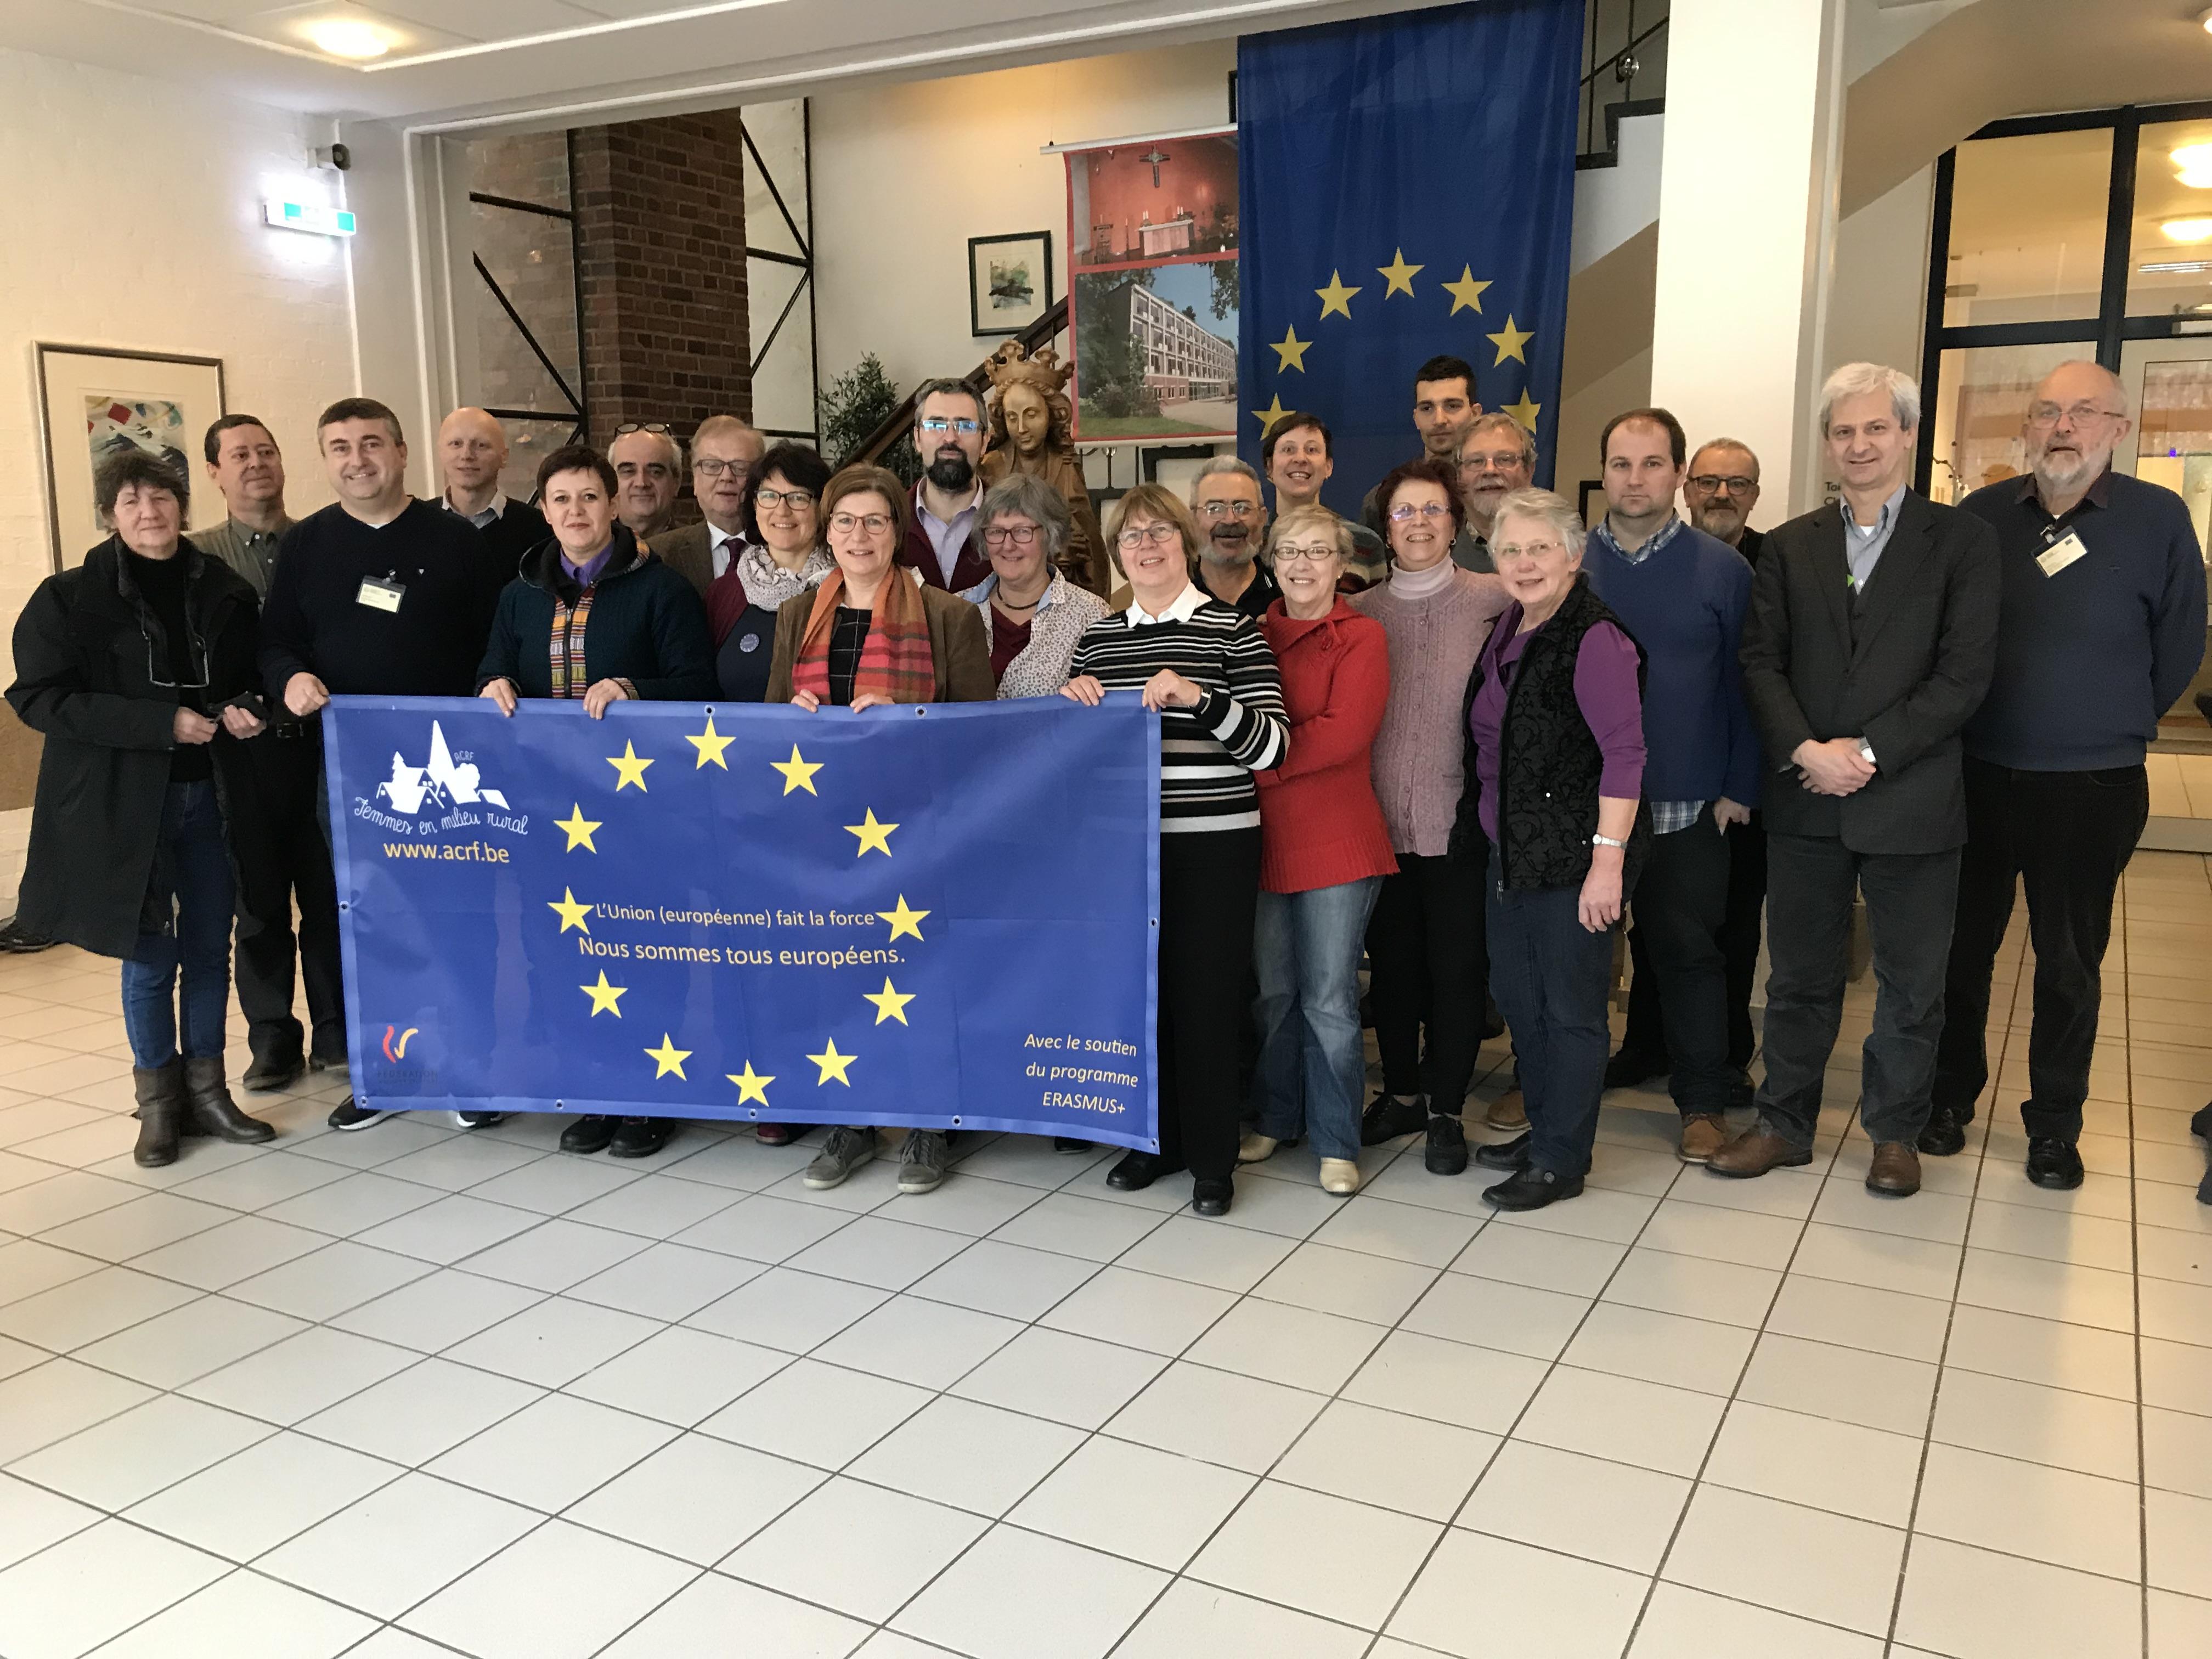 V Európe sa posilňuje sieť katolíckych vidieckych hnutí